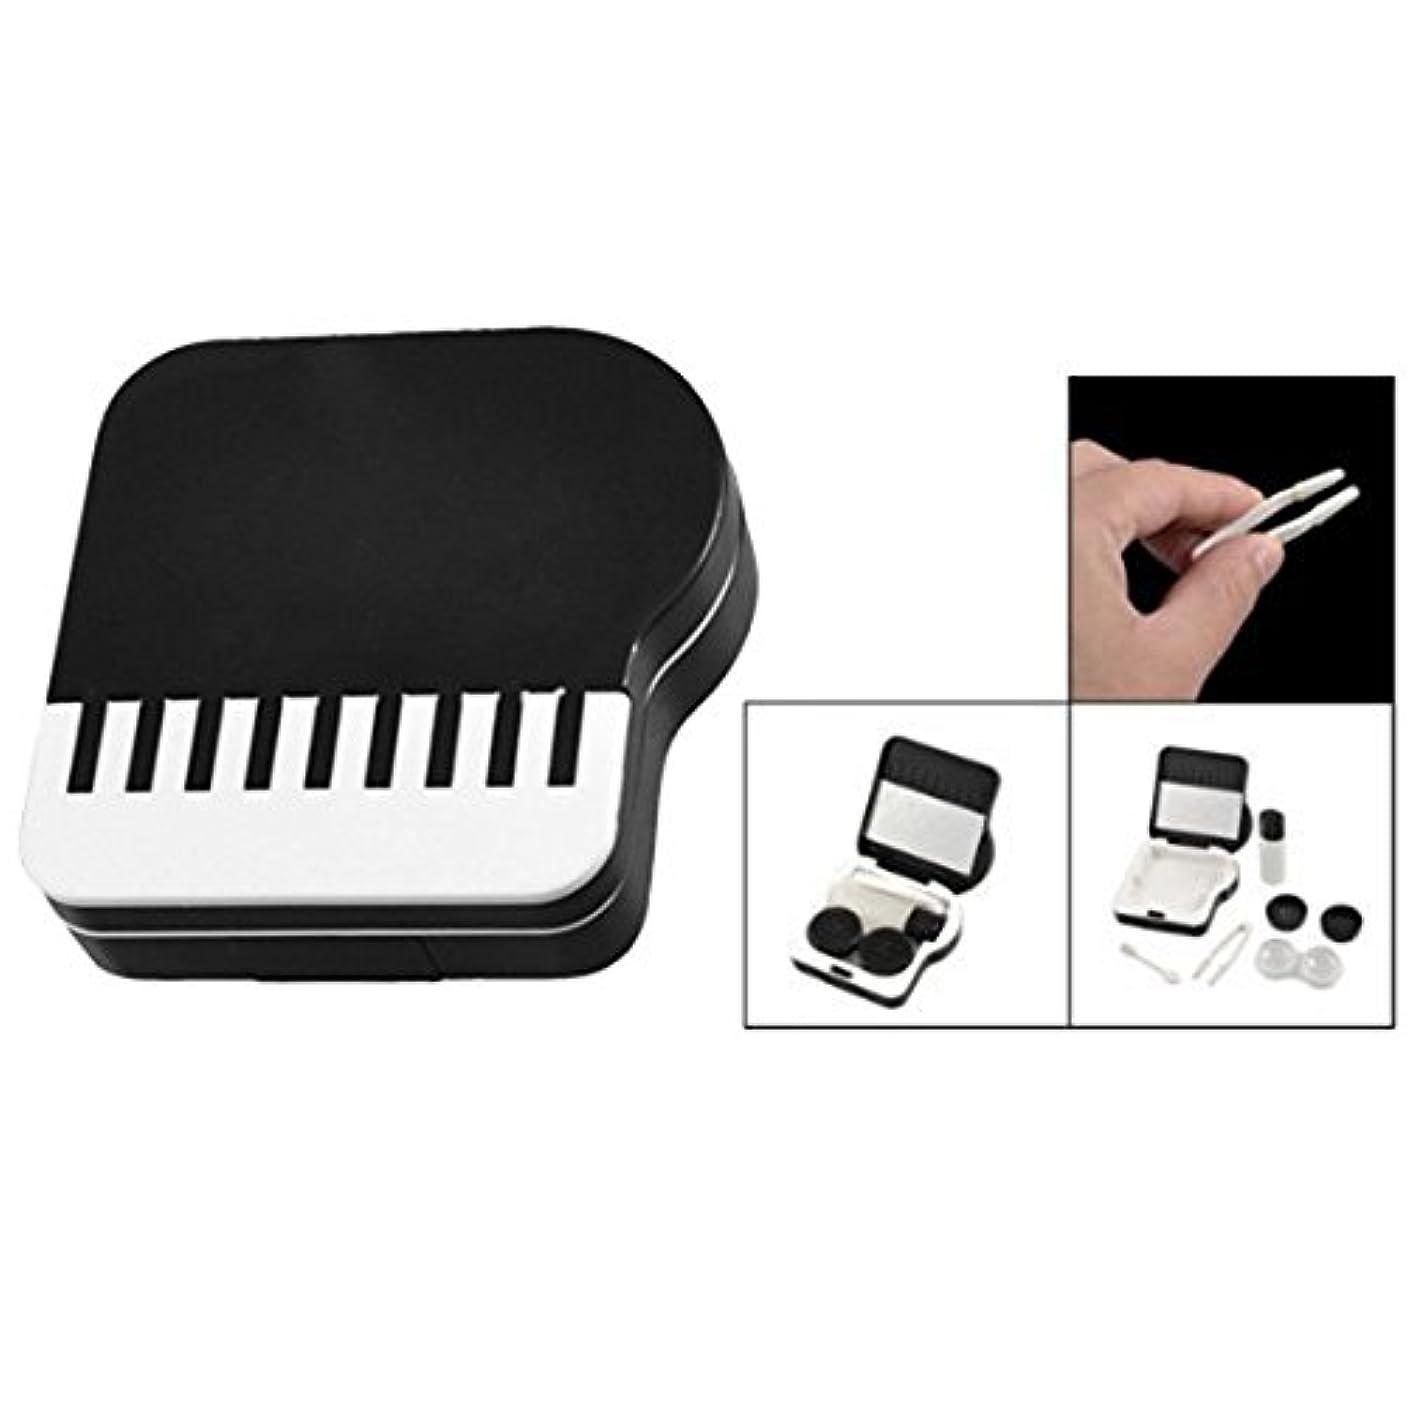 主導権横たわる絶滅したACAMPTAR ピアノのデザイン 目に見えないコンタクトレンズボックス ケース-黒&白